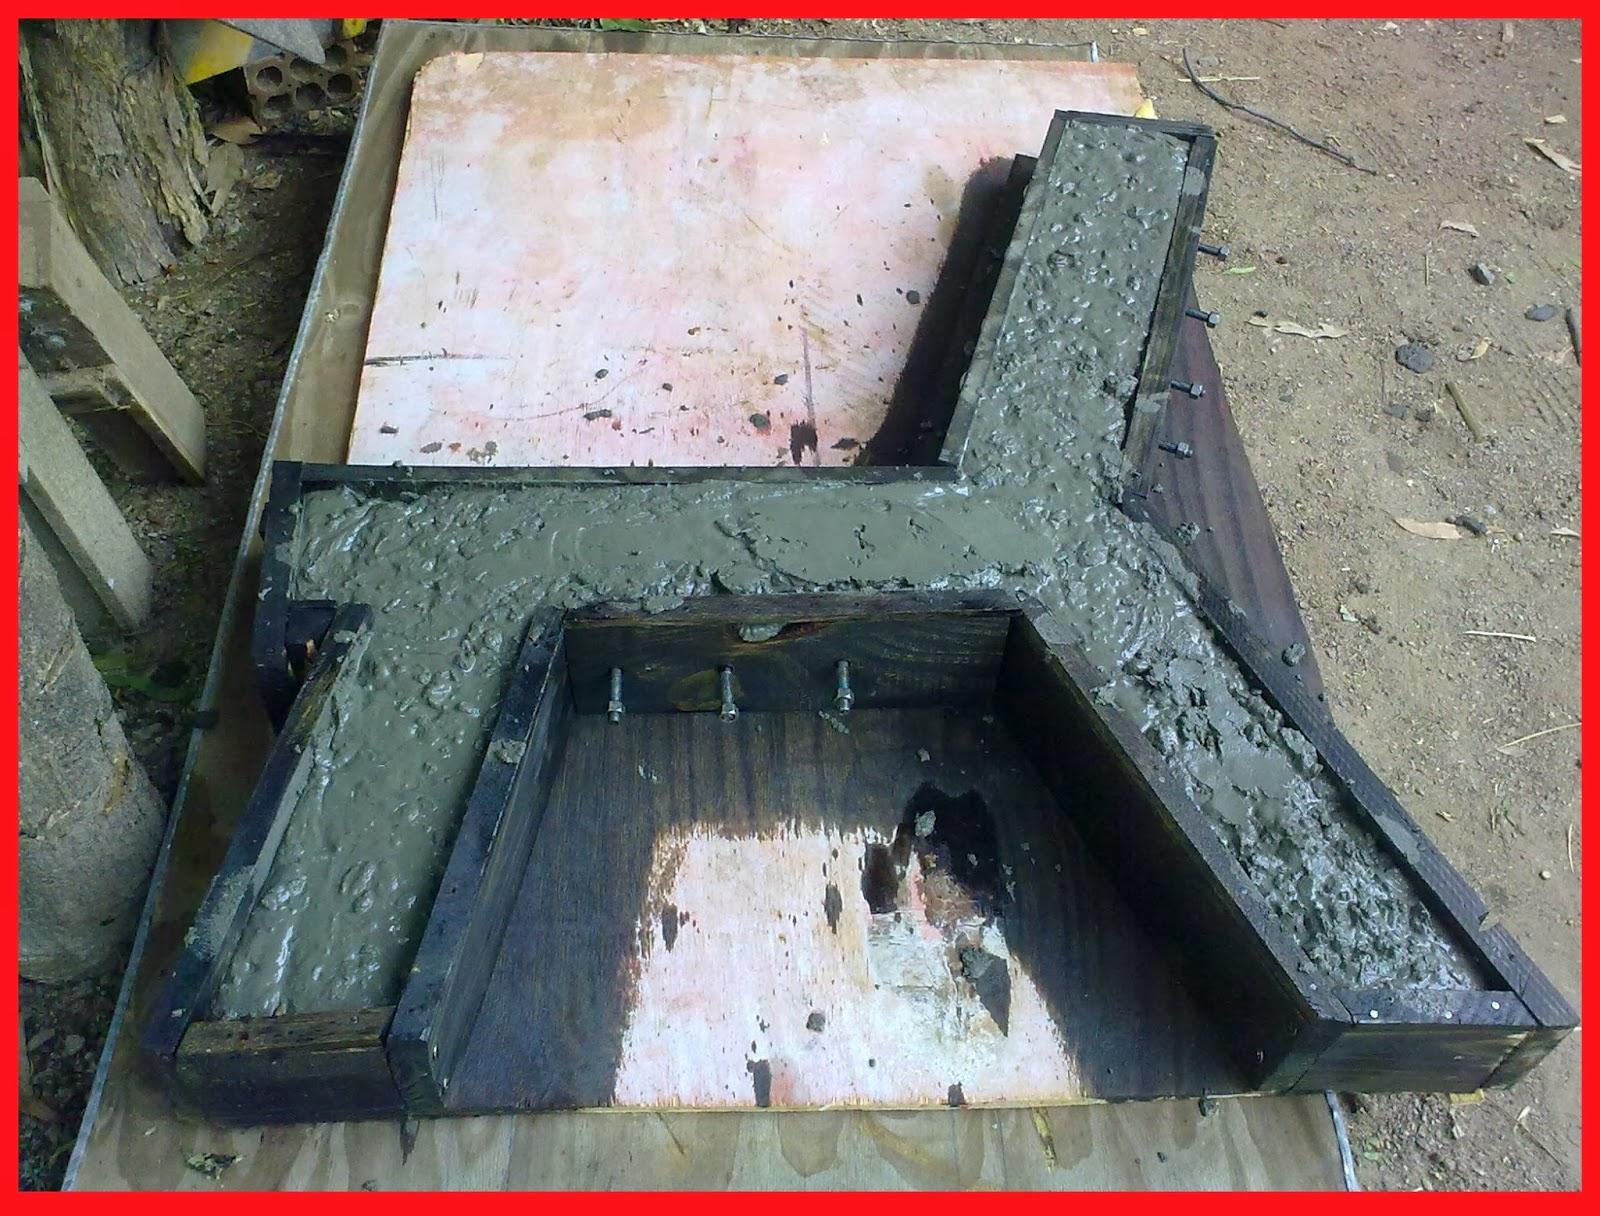 banco de concreto para jardim em jundiai:EletricistaMário.blogspot: Mesas e bancos de concreto para jardim